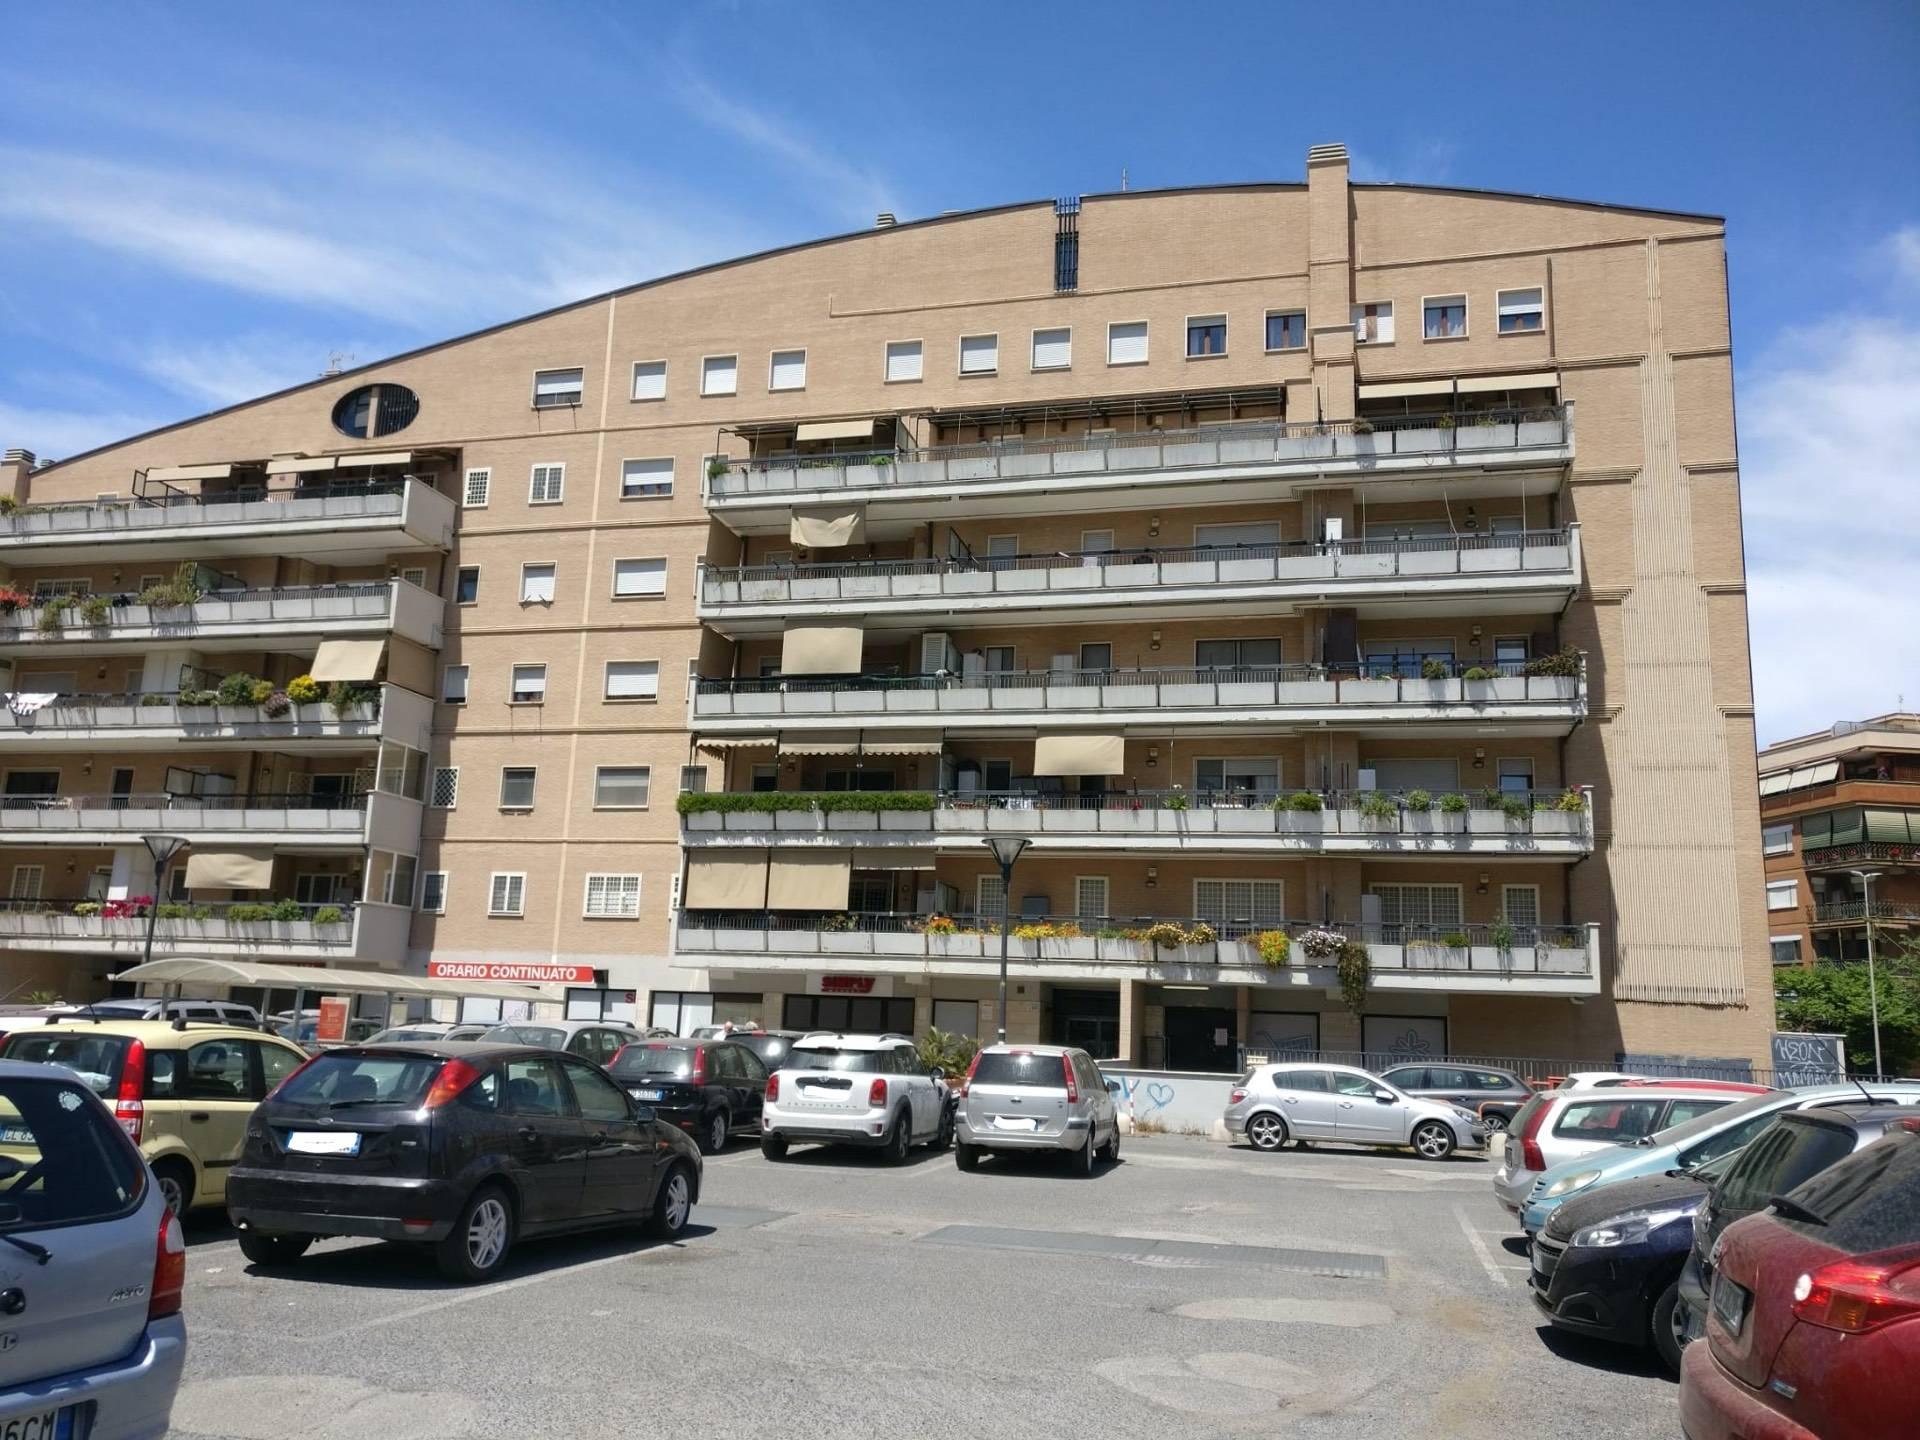 Appartamento in vendita a Roma, 4 locali, zona Località: Ostia/Ostiaantica, prezzo € 295.000 | CambioCasa.it